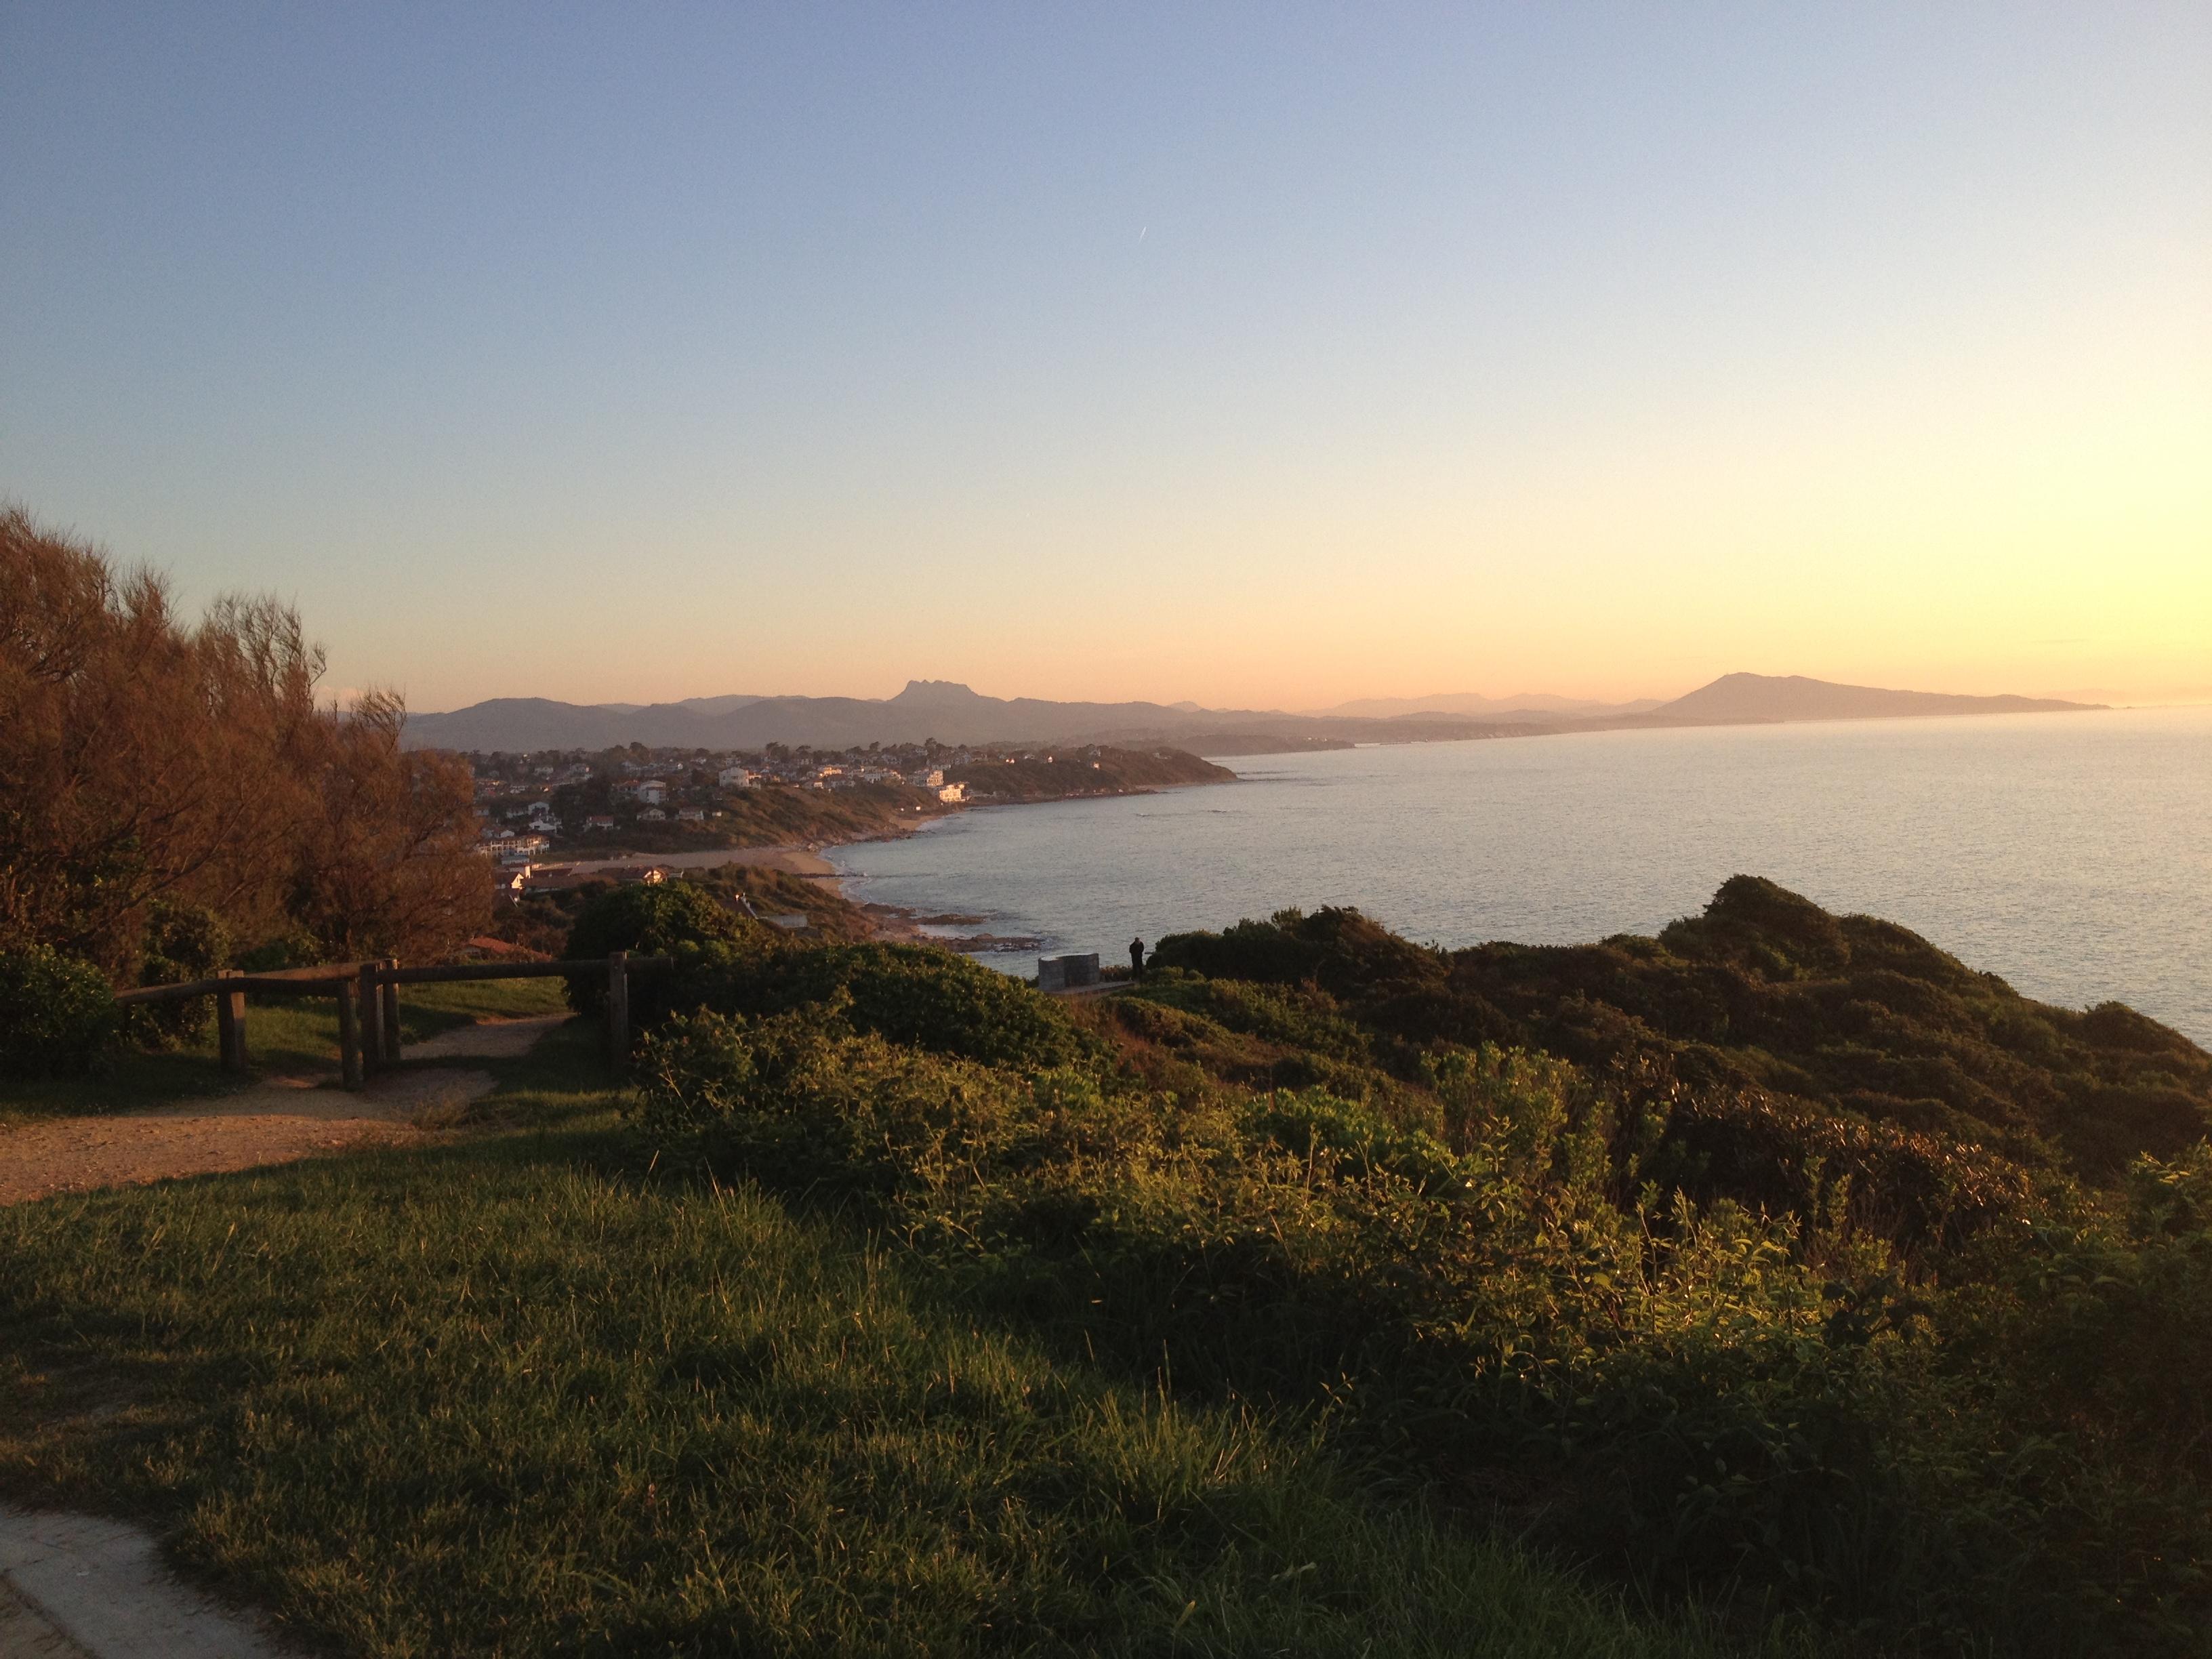 vue de la côte depuis Bidart